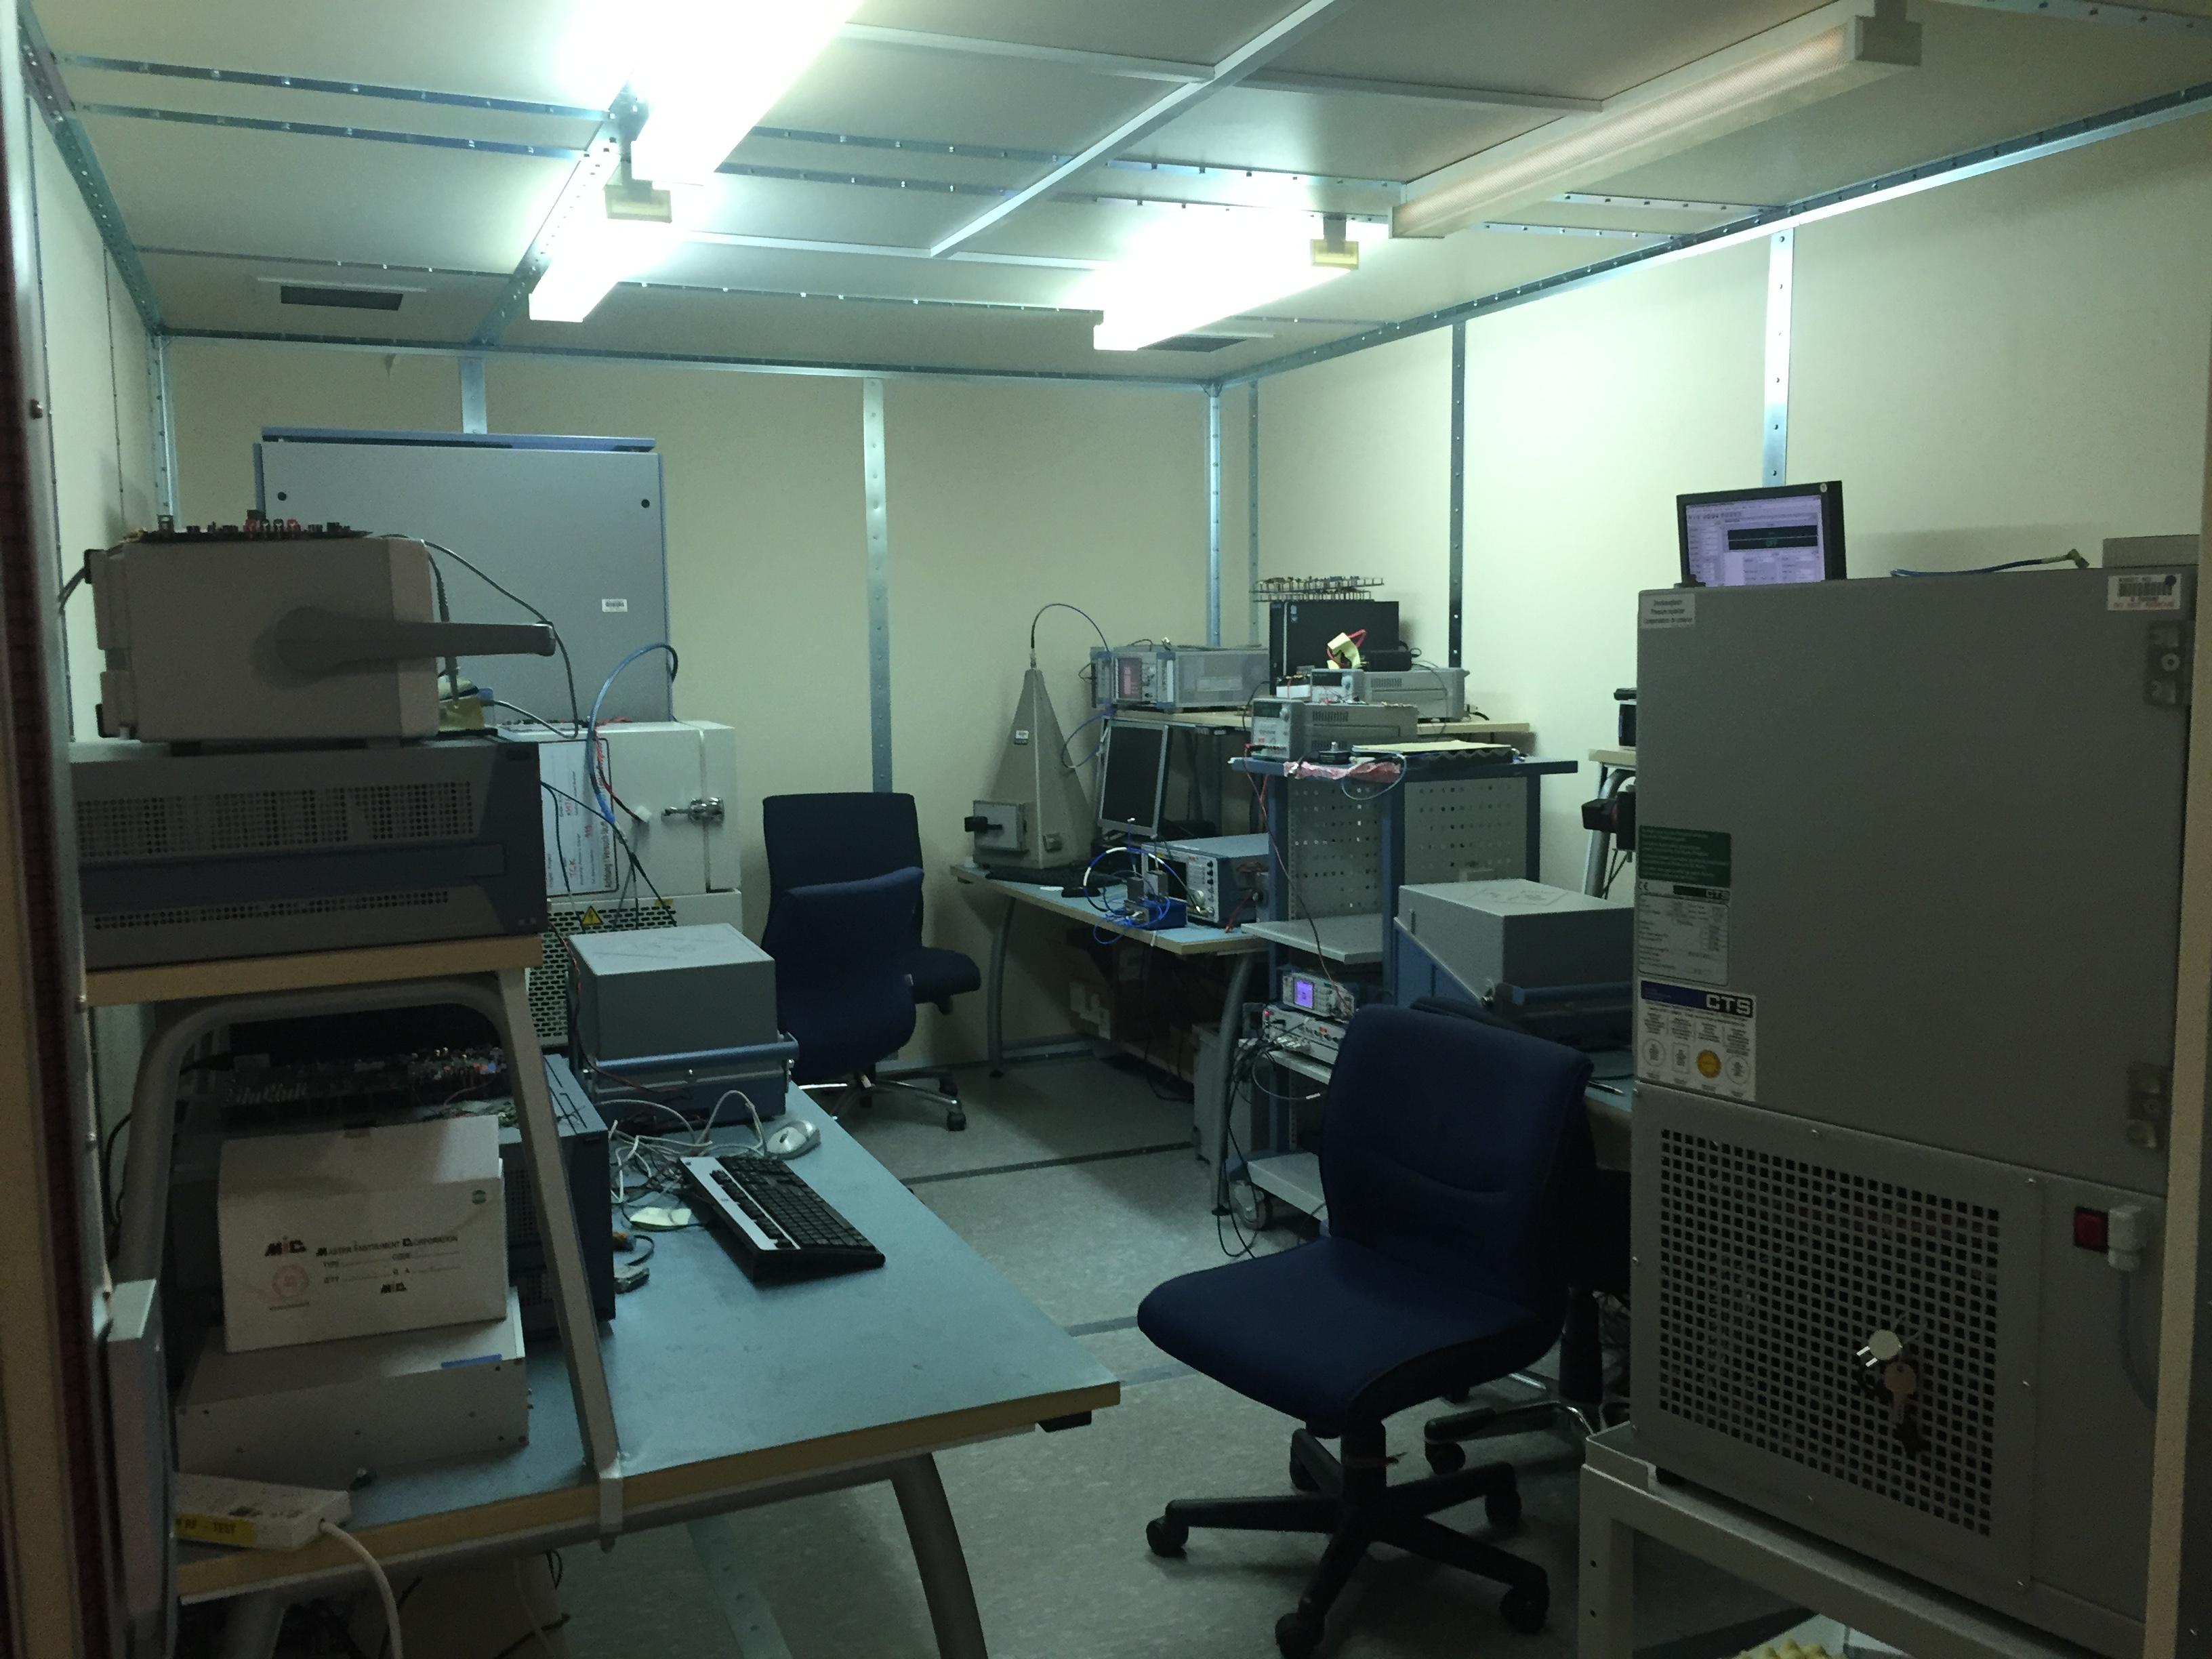 Inside Intel: A peek inside Intel's Singapore labs